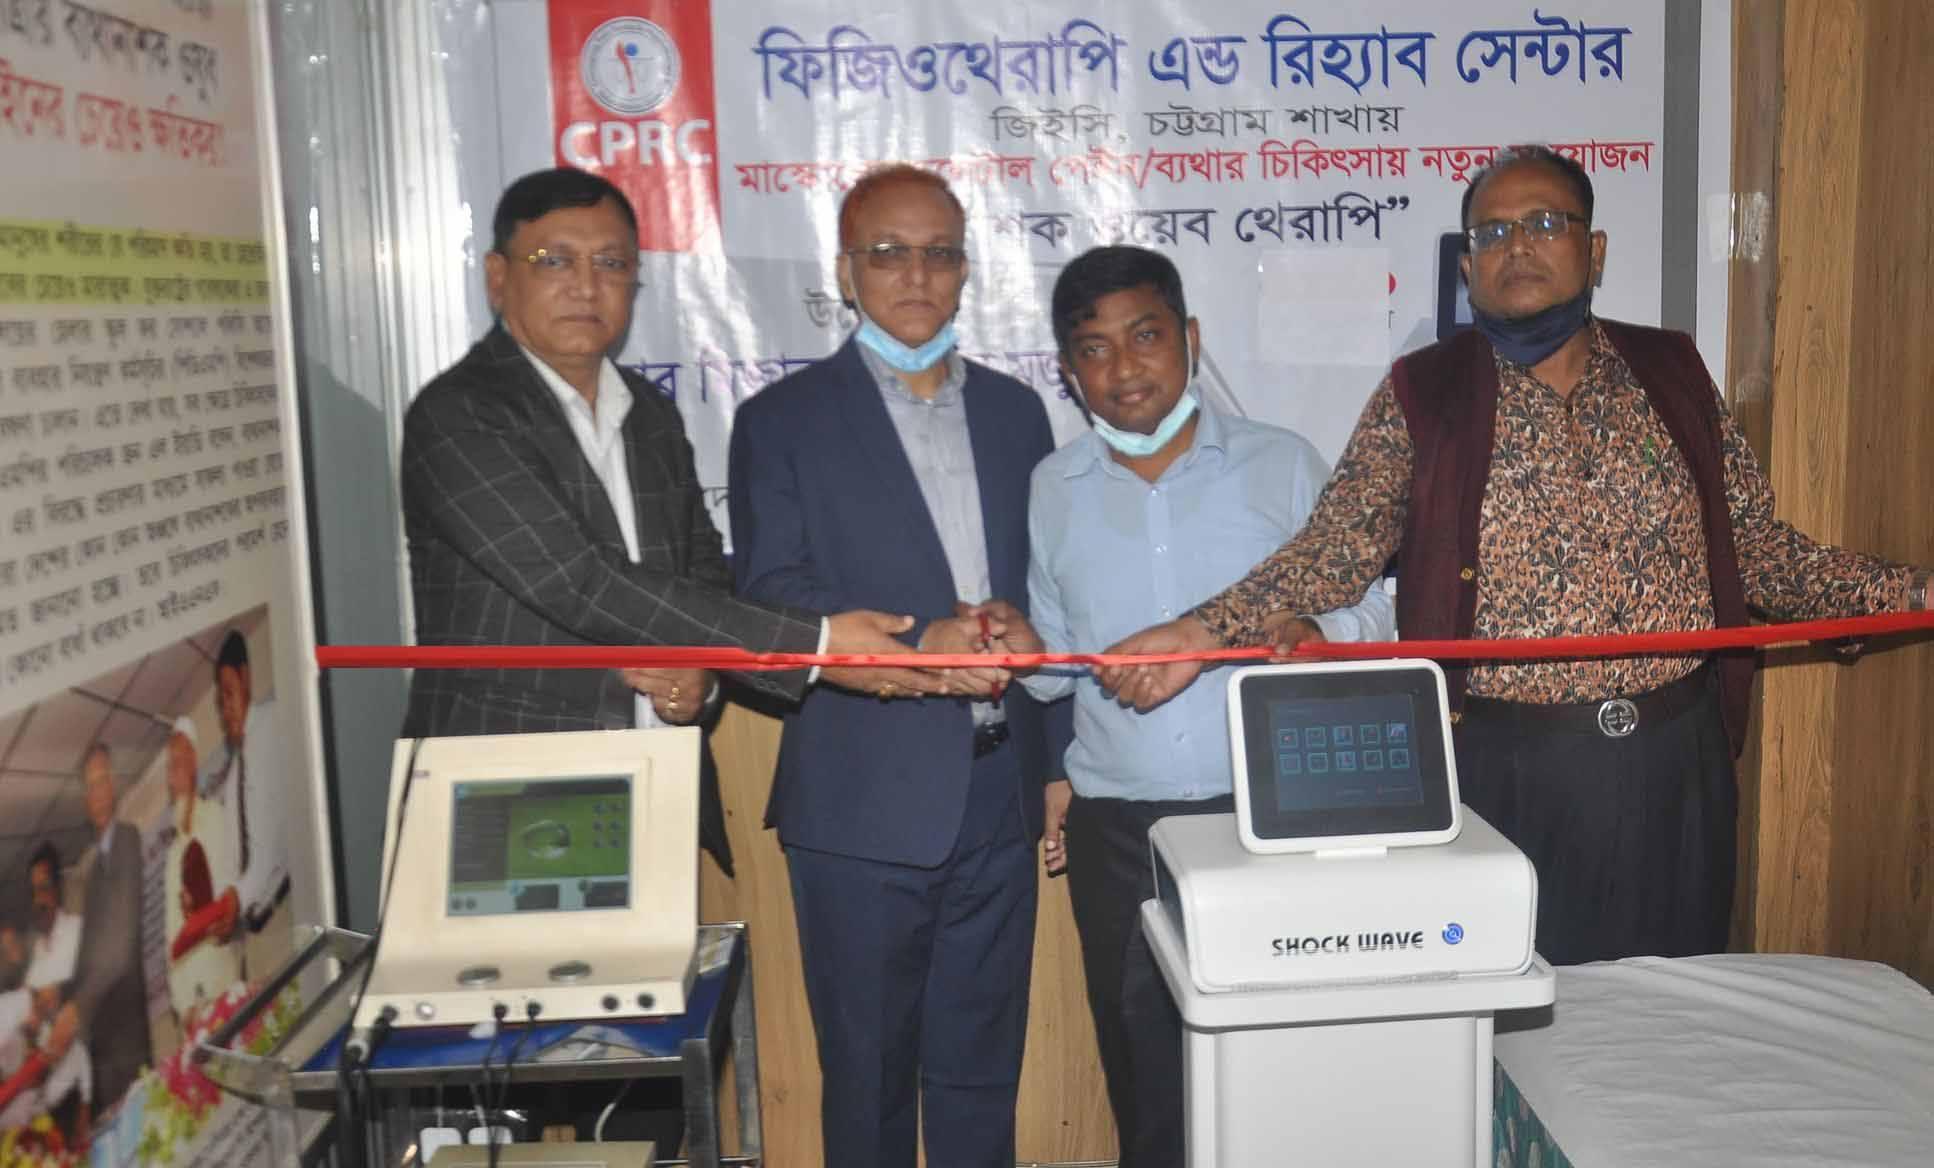 চট্টগ্রামে সিপিআরসি'র উদ্বোধন করলেন বিএনএ সম্পাদক